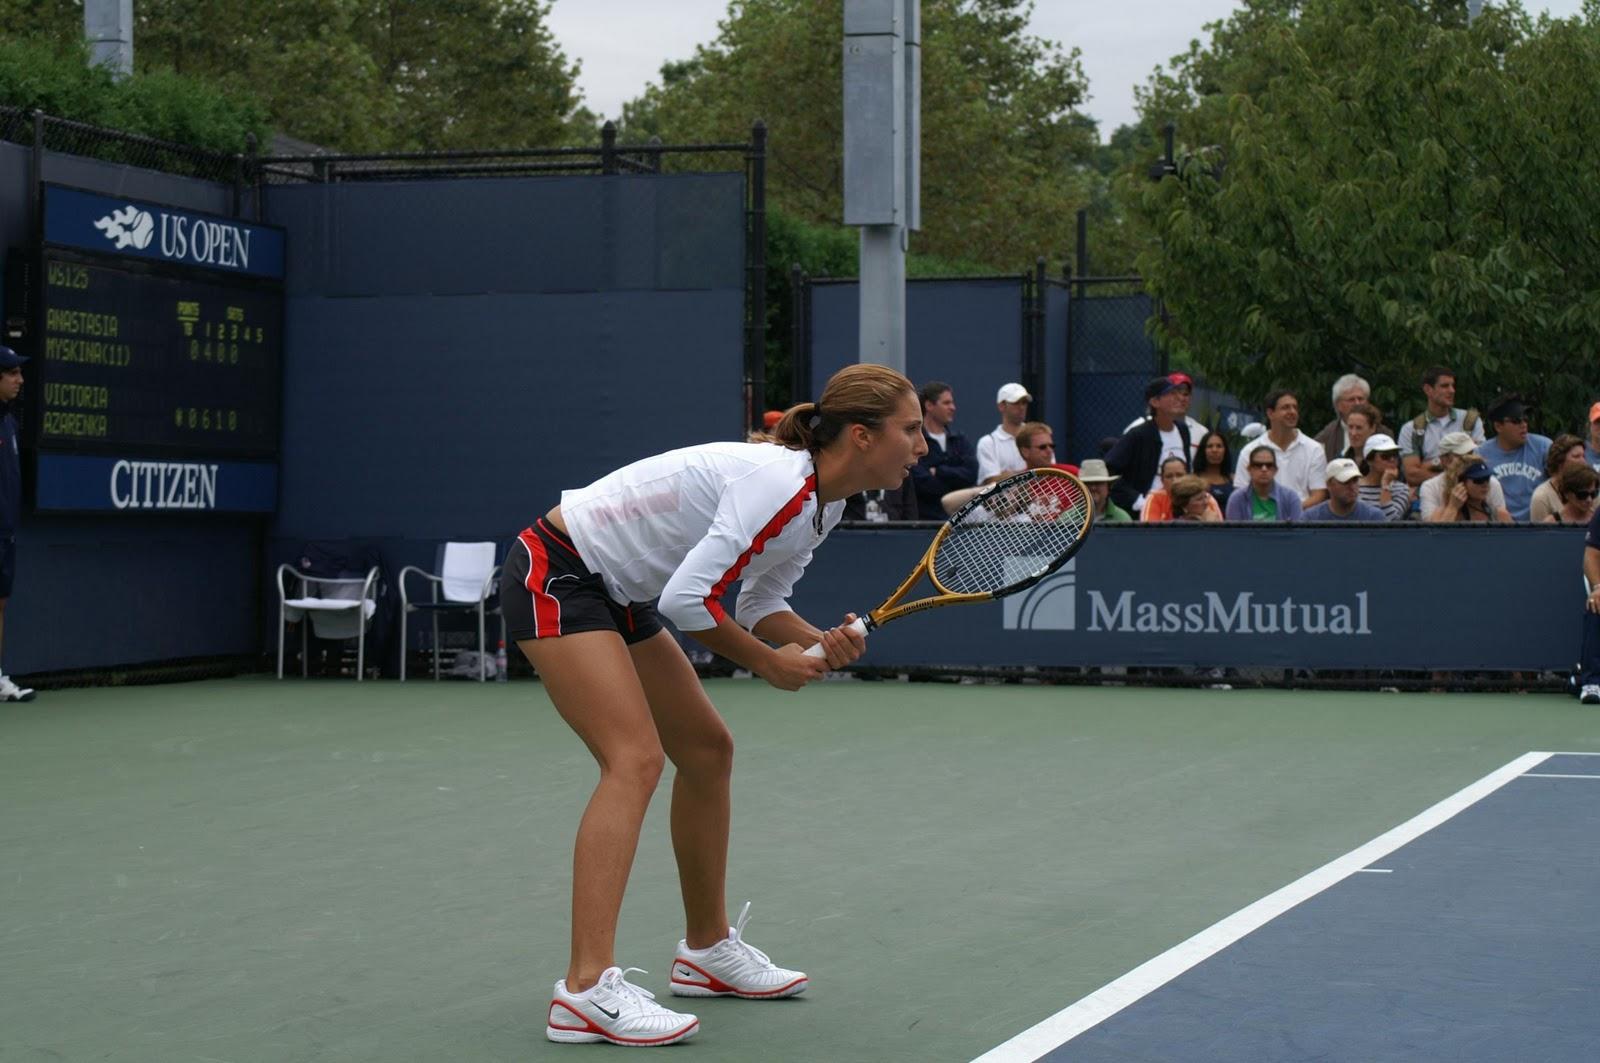 http://4.bp.blogspot.com/_GCAuqodmOE4/TQpJ5MfLquI/AAAAAAAAFgU/eQxU8ZsBxTw/s1600/Anastasia+Myskina+Hot+Tennis.jpg